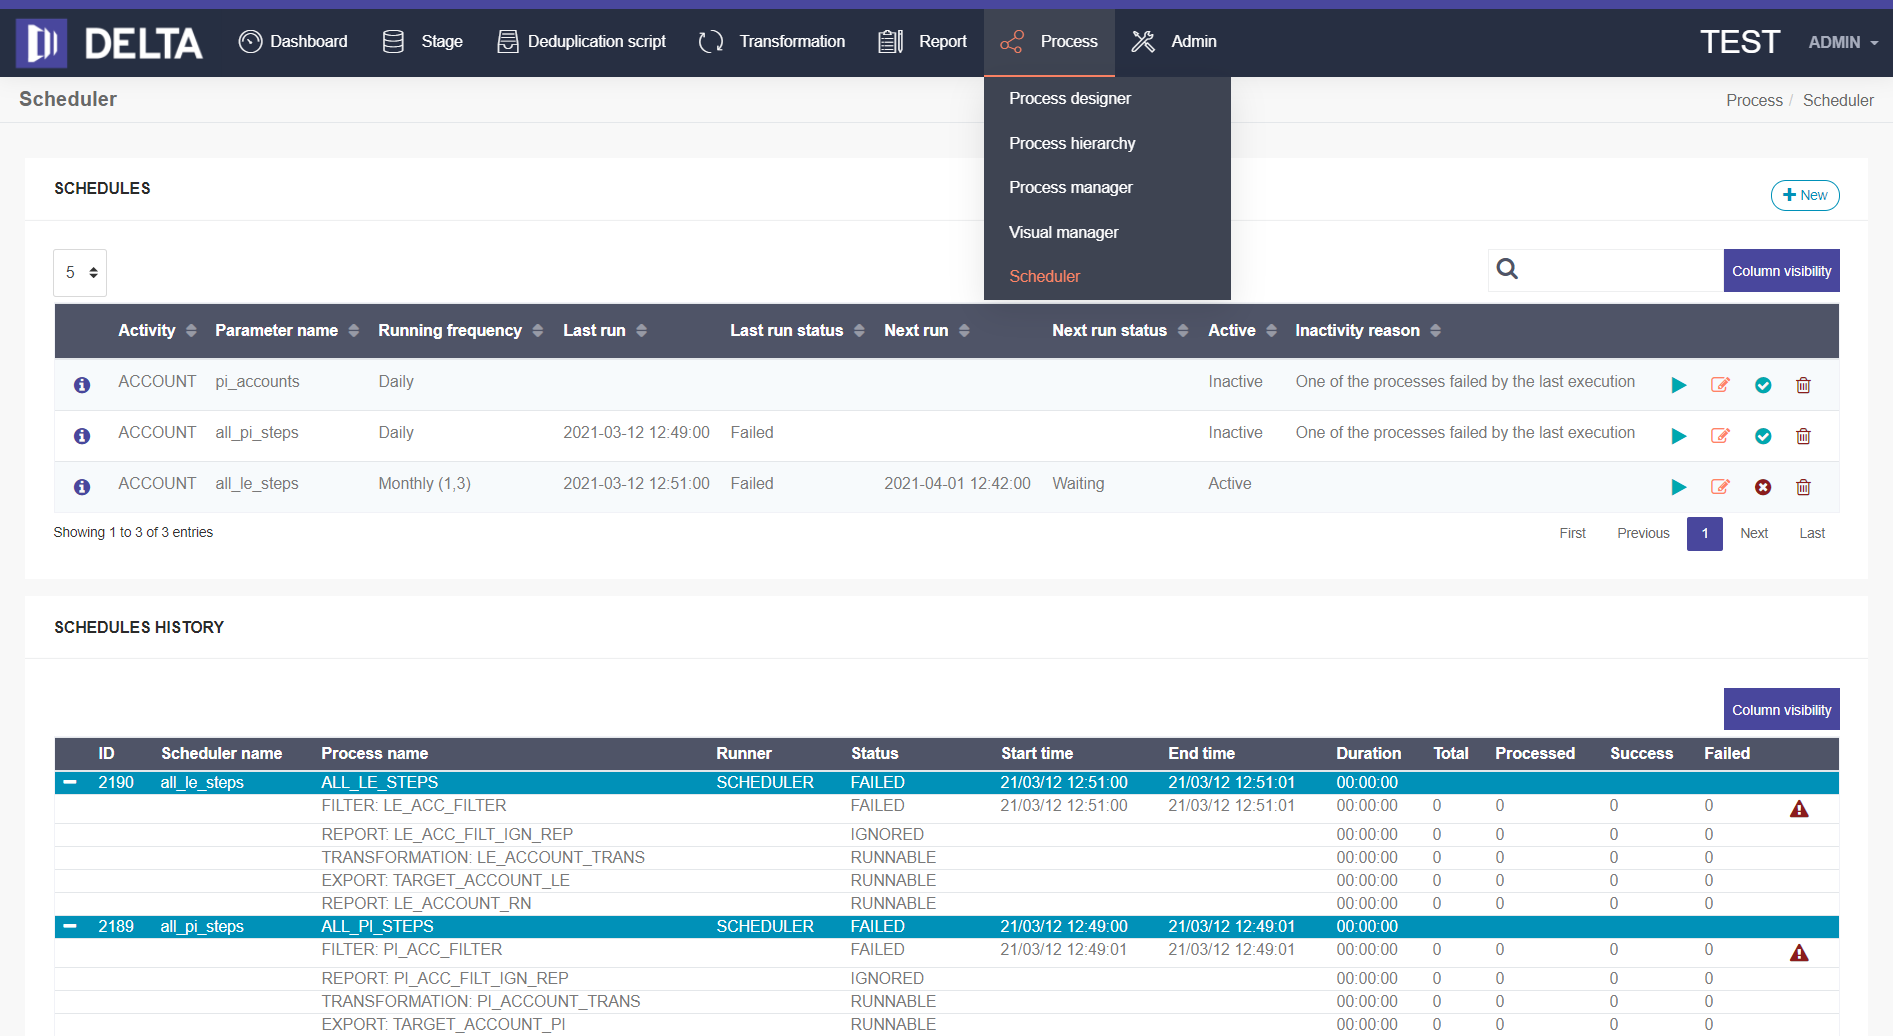 Delta migration tool screenshot 2021